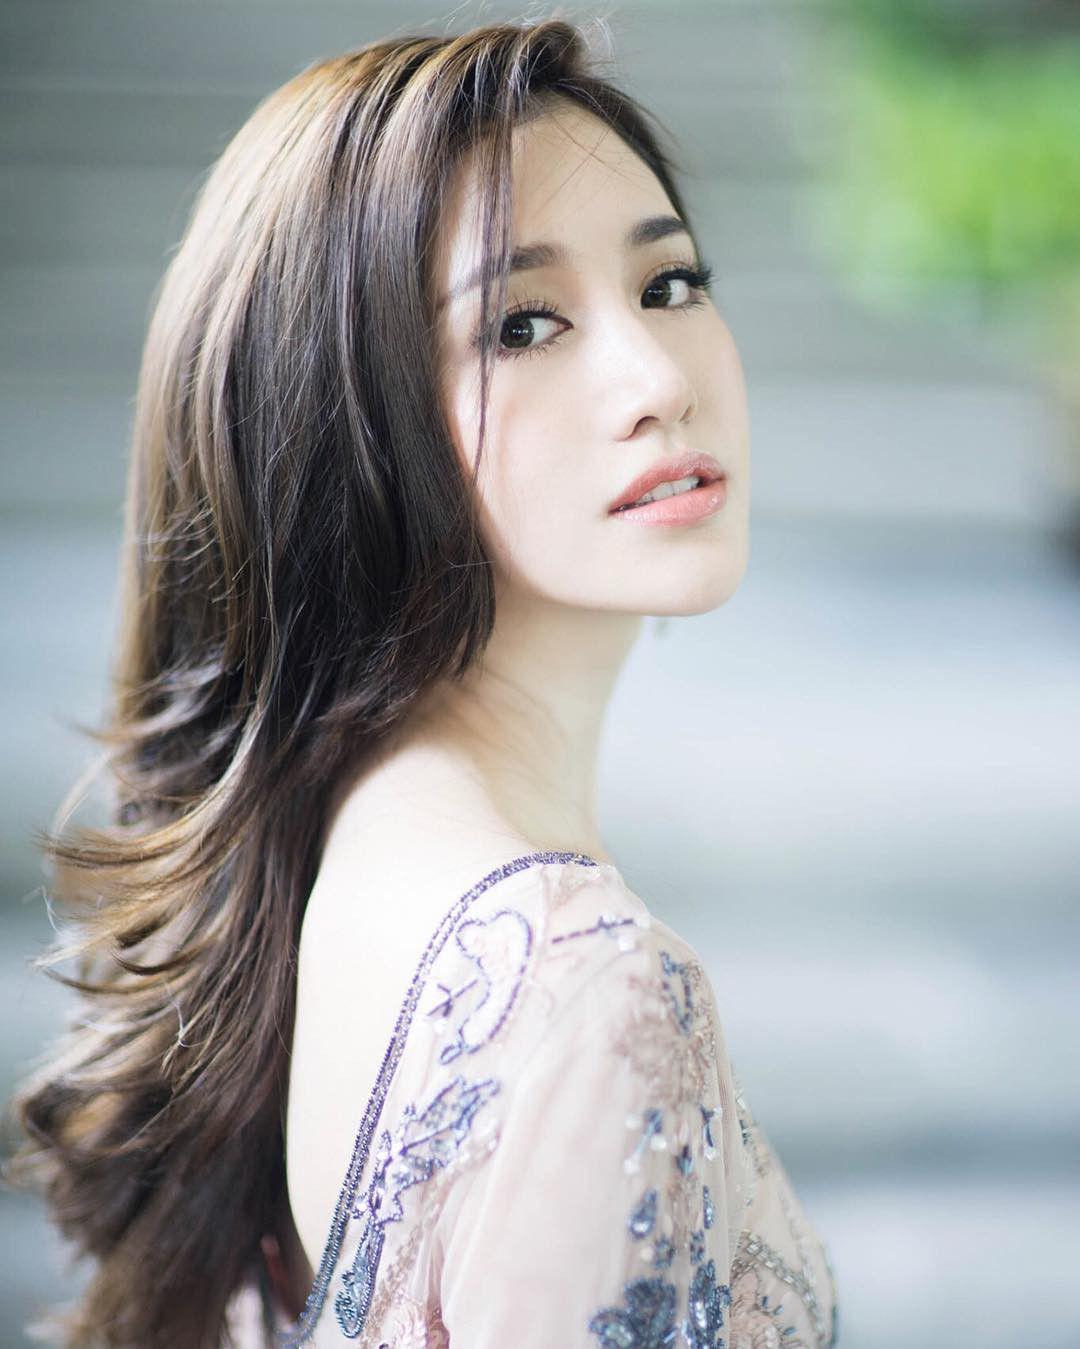 Sao nhí Thái Lan ngày ấy, bây giờ đã thành nam thần, nữ thần cả rồi! (4)